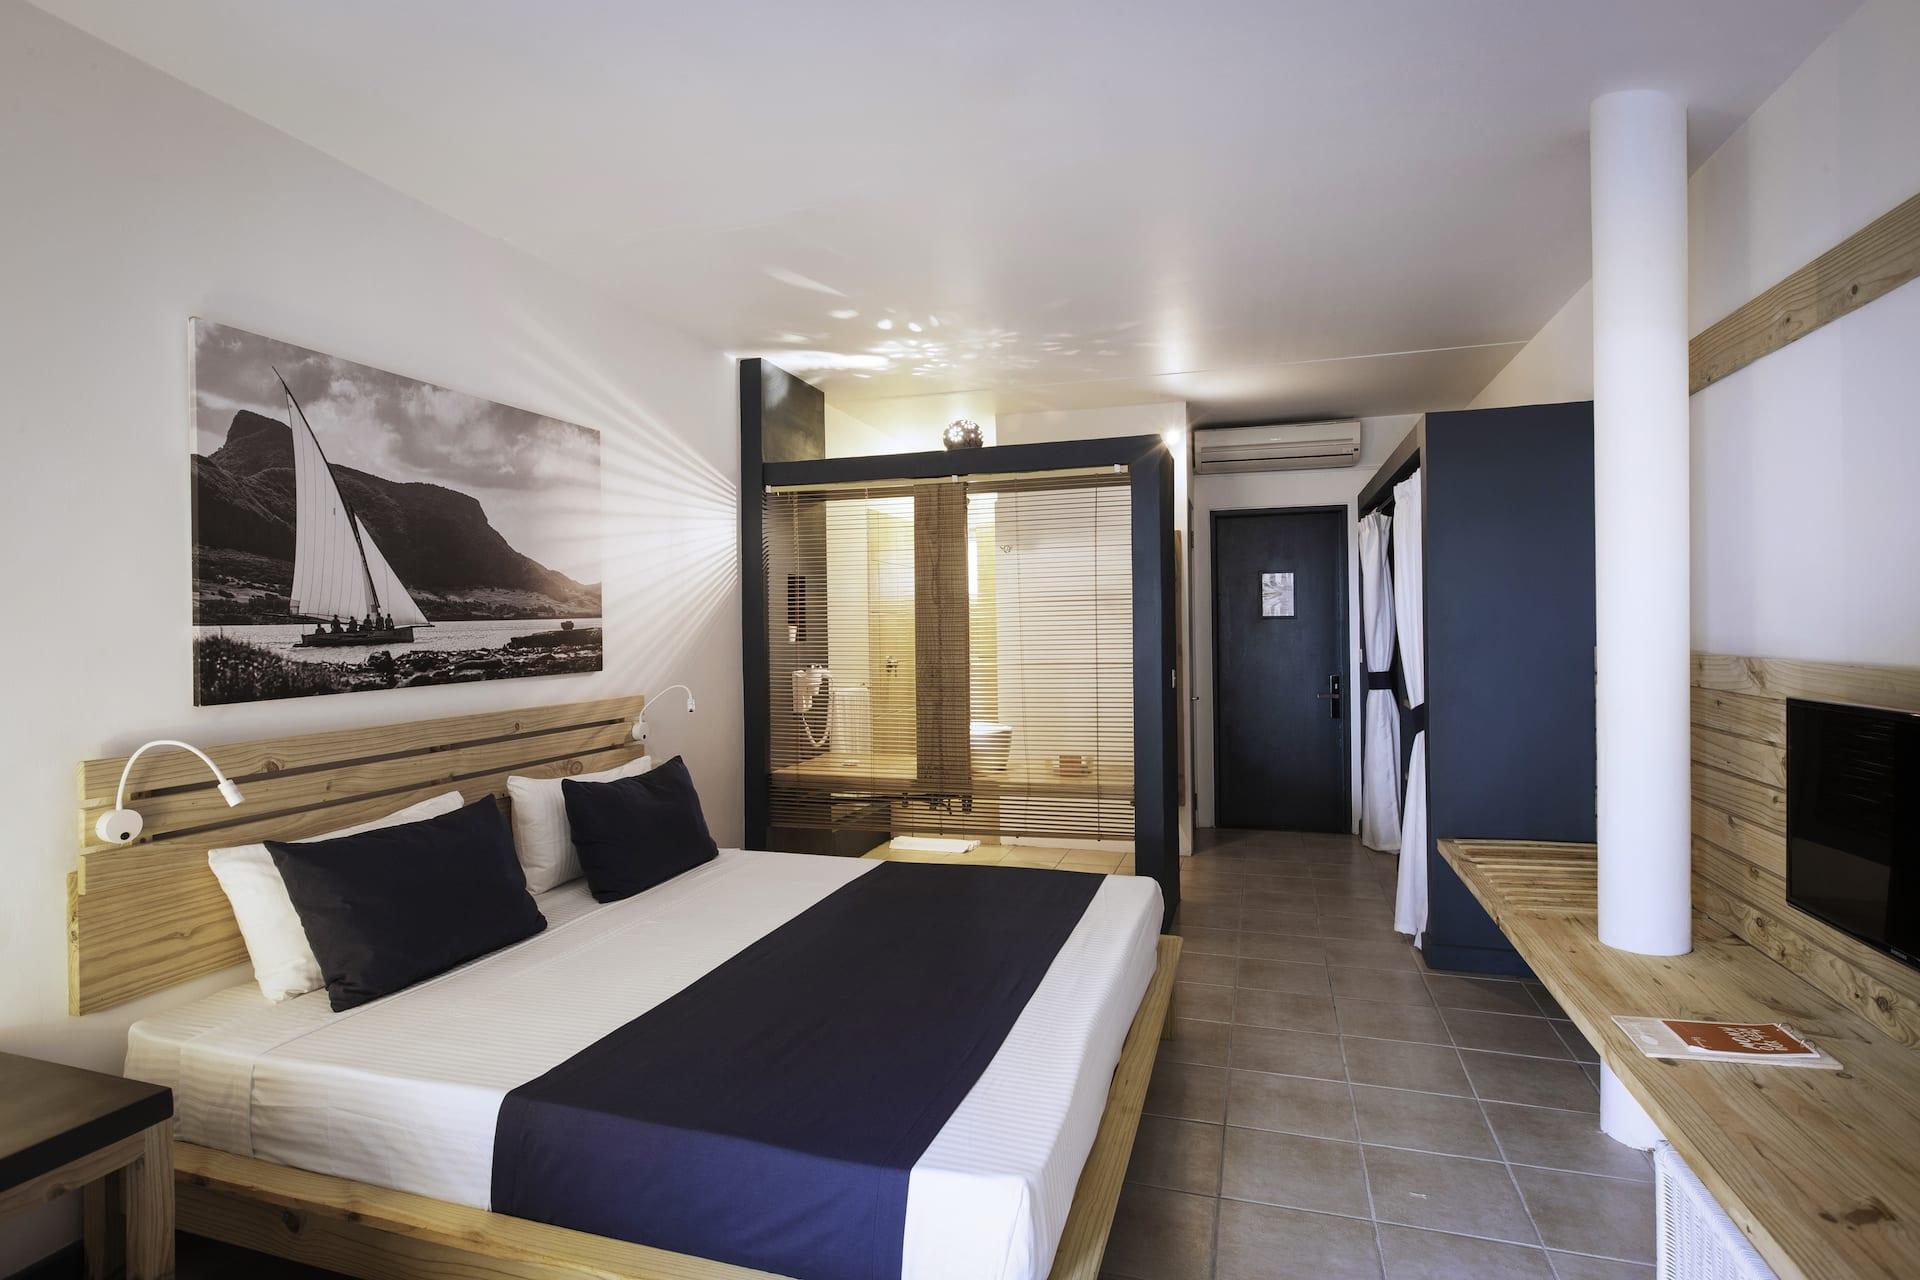 ALGEMEEN - VPAB-Comfort-Room - MRU 4